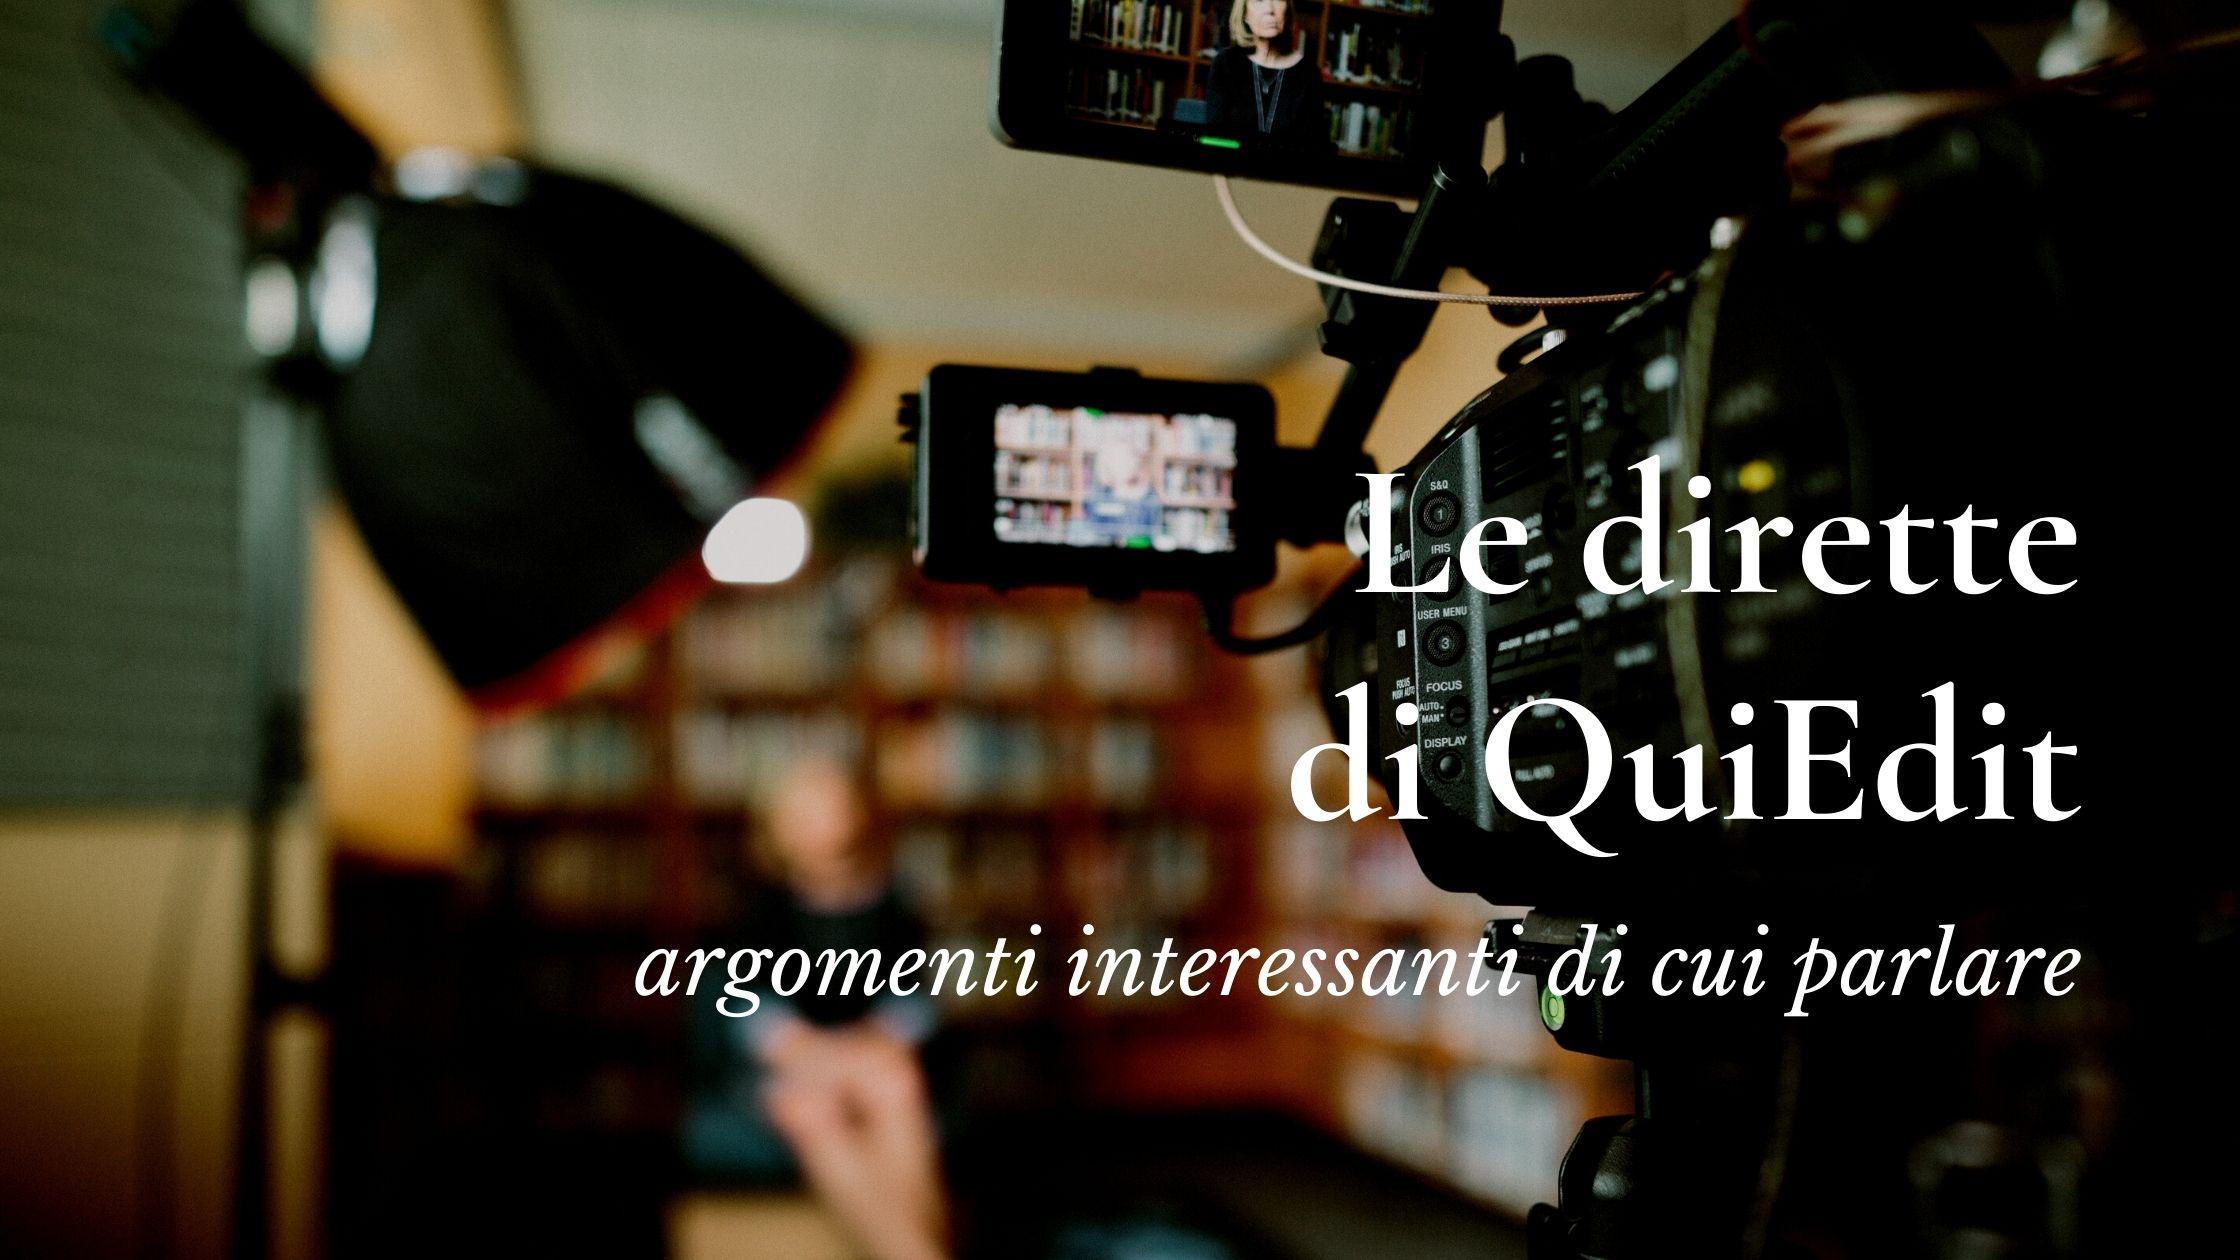 Le dirette di QuiEdit - Argomenti interessanti di cui parlare